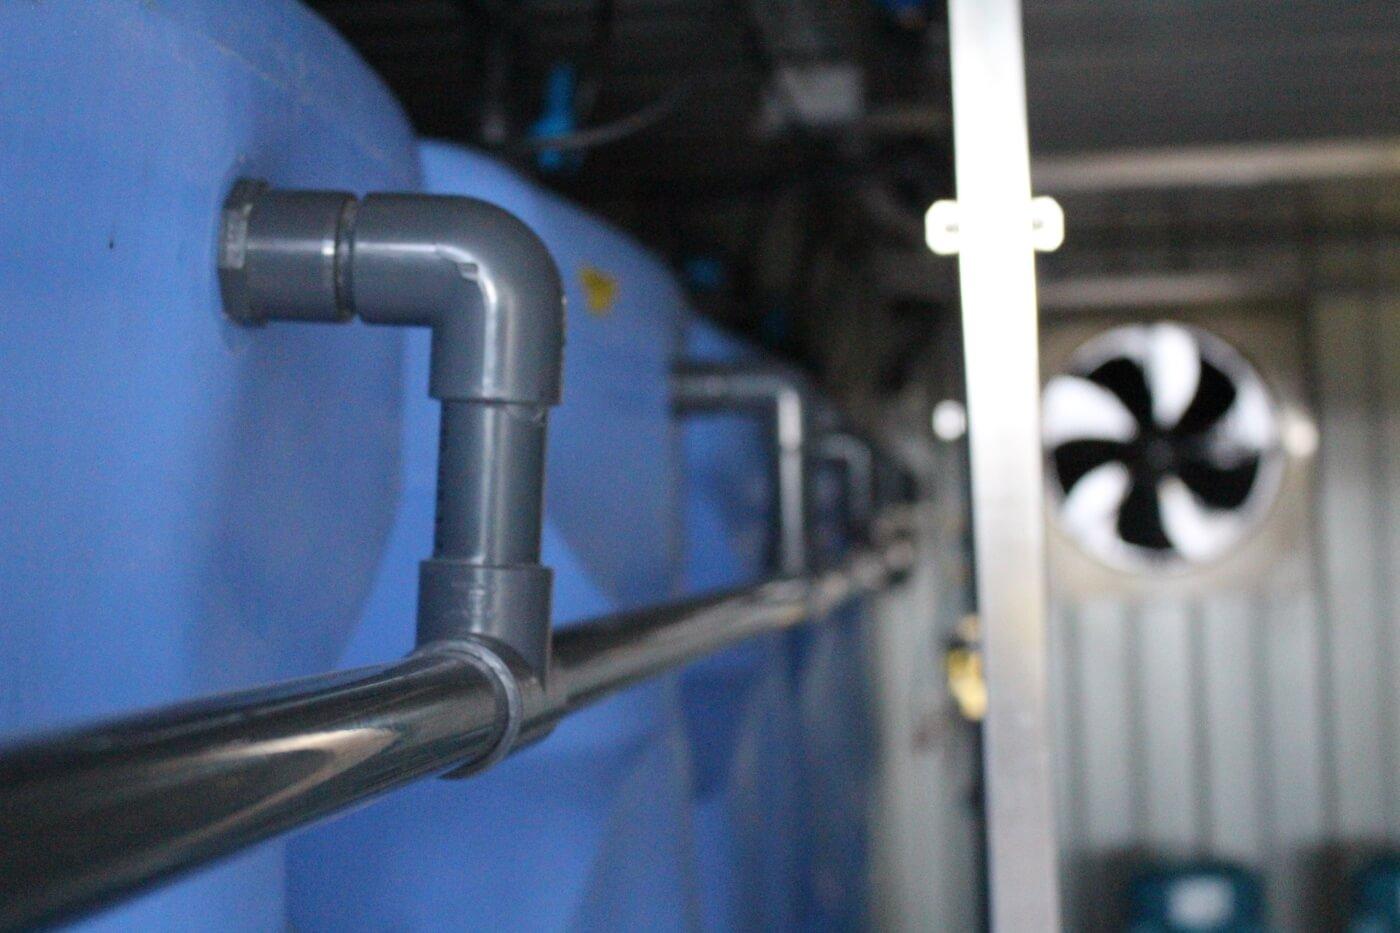 cz trattamento acque - impianti depurazione acqua filtrazione addolcimento osmosi inversa impianti container 15